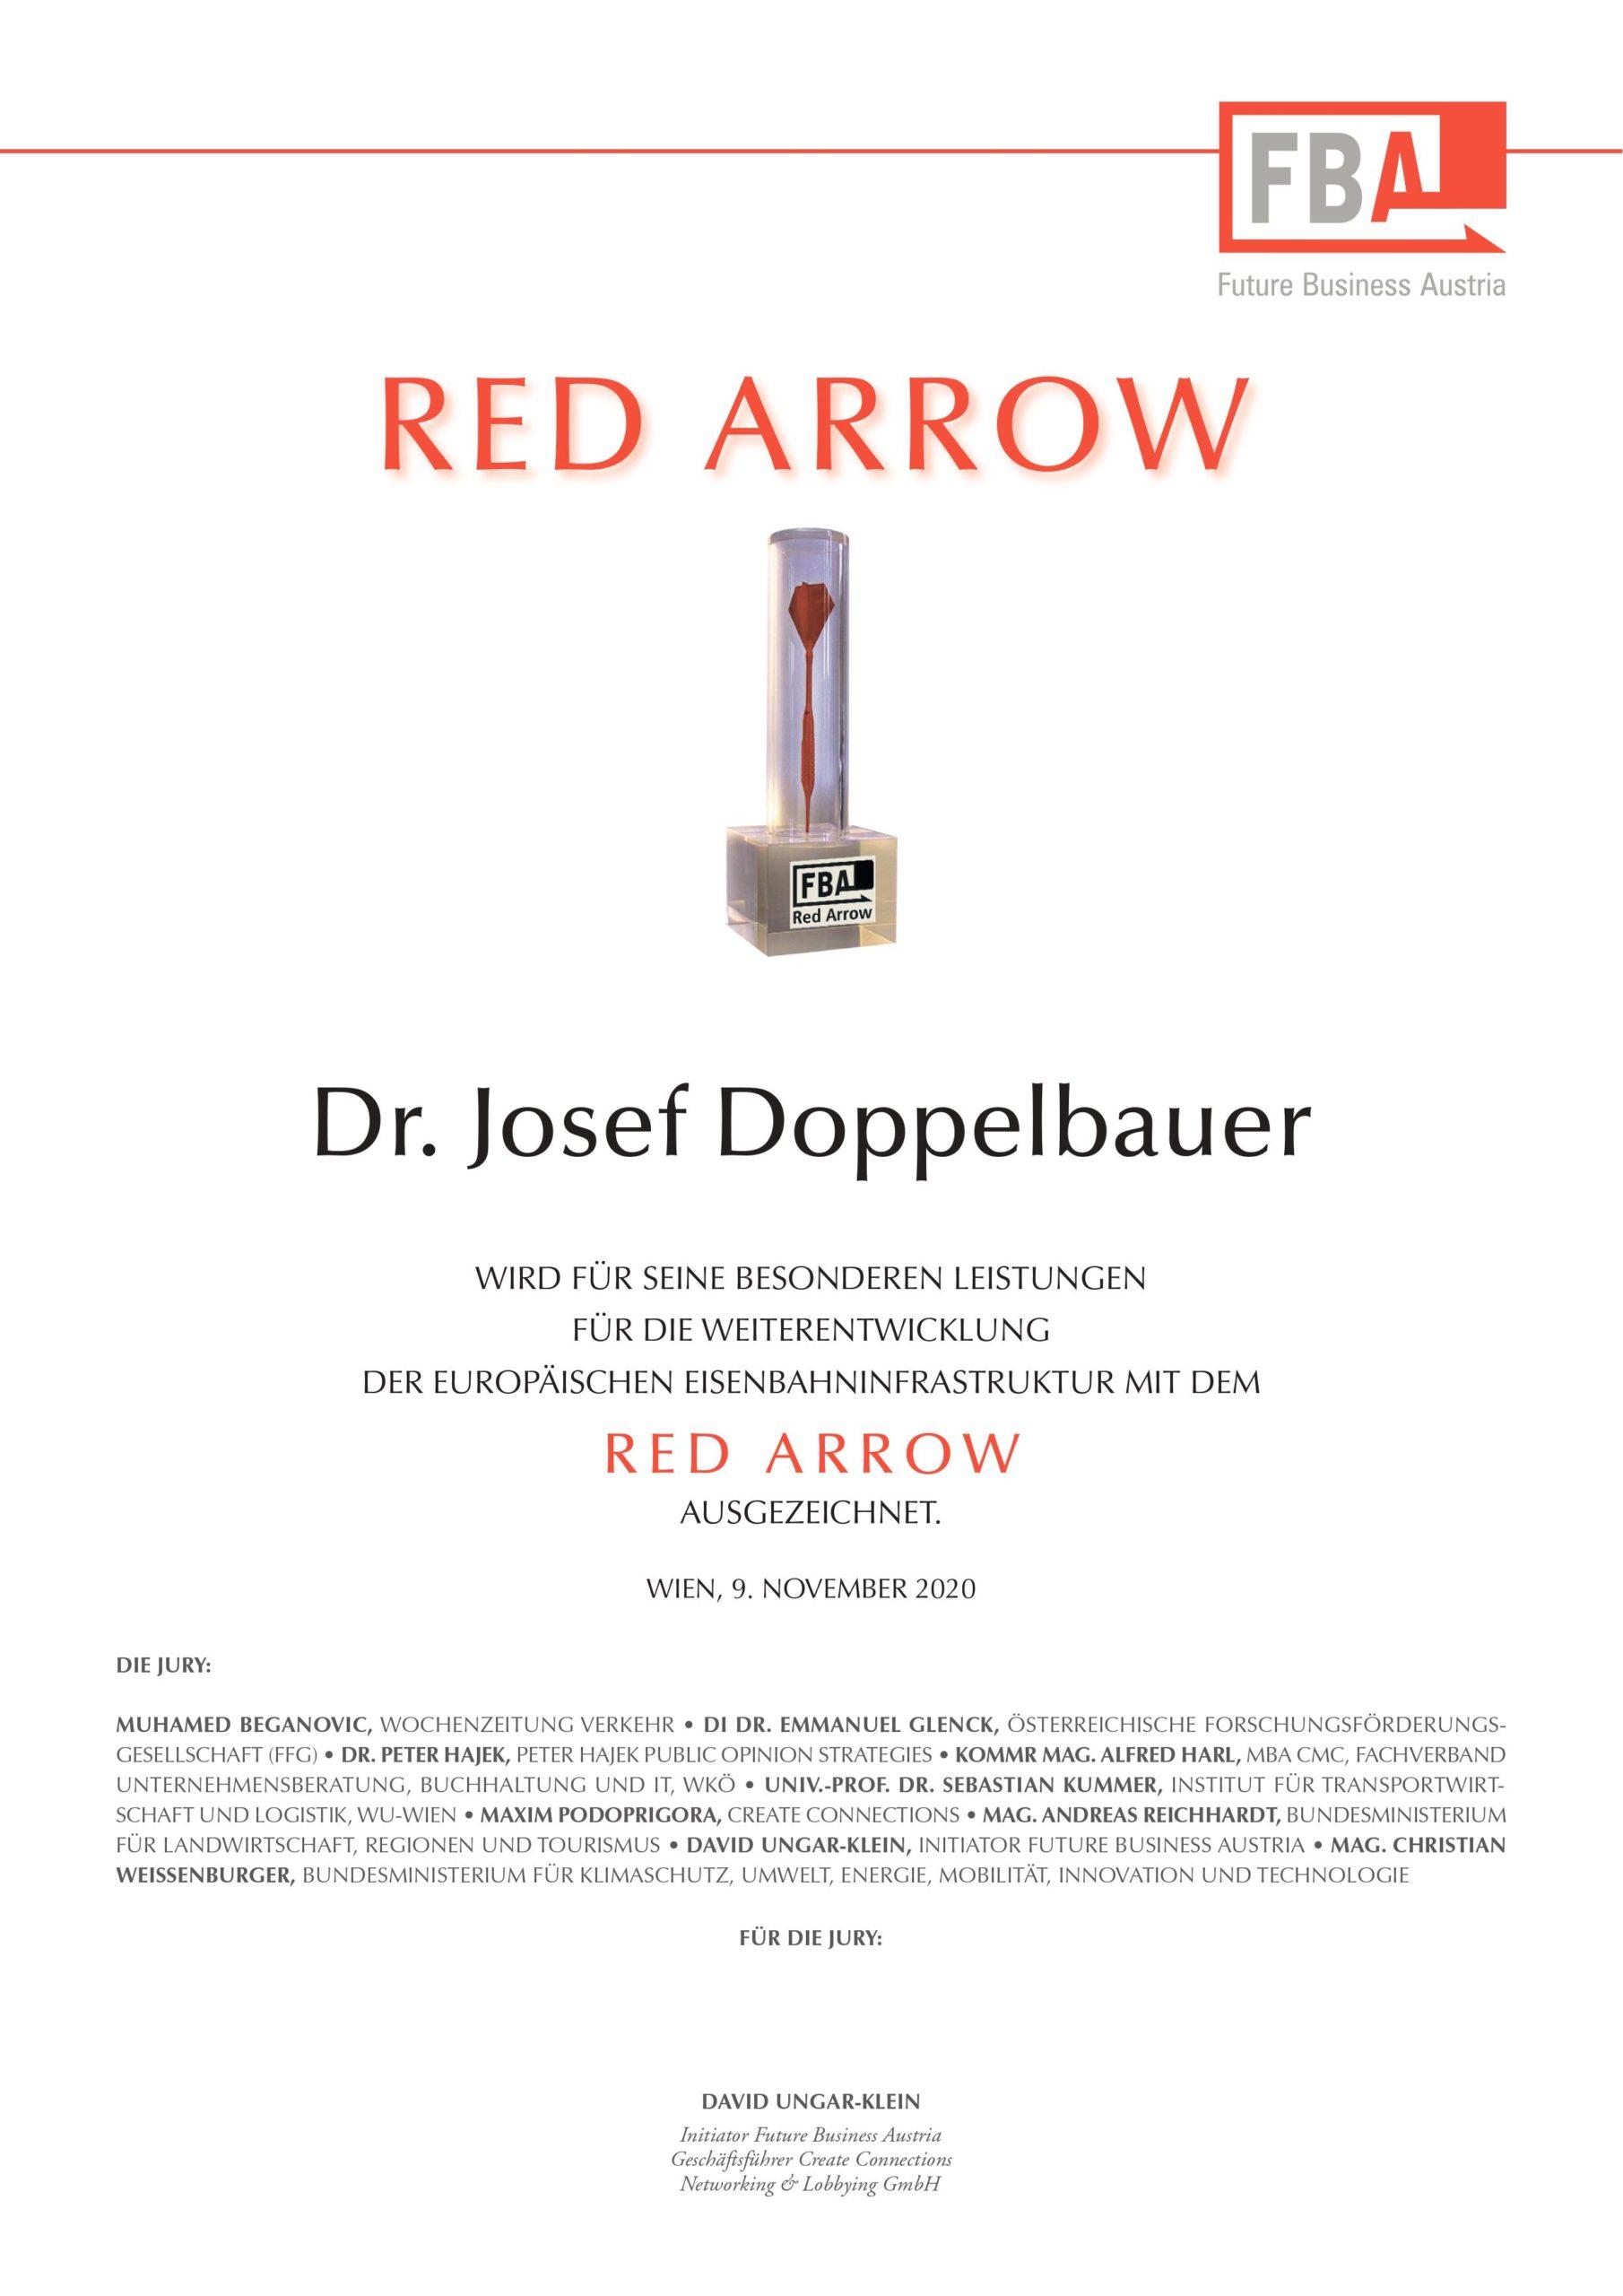 Red Arrow Gewinner 2020